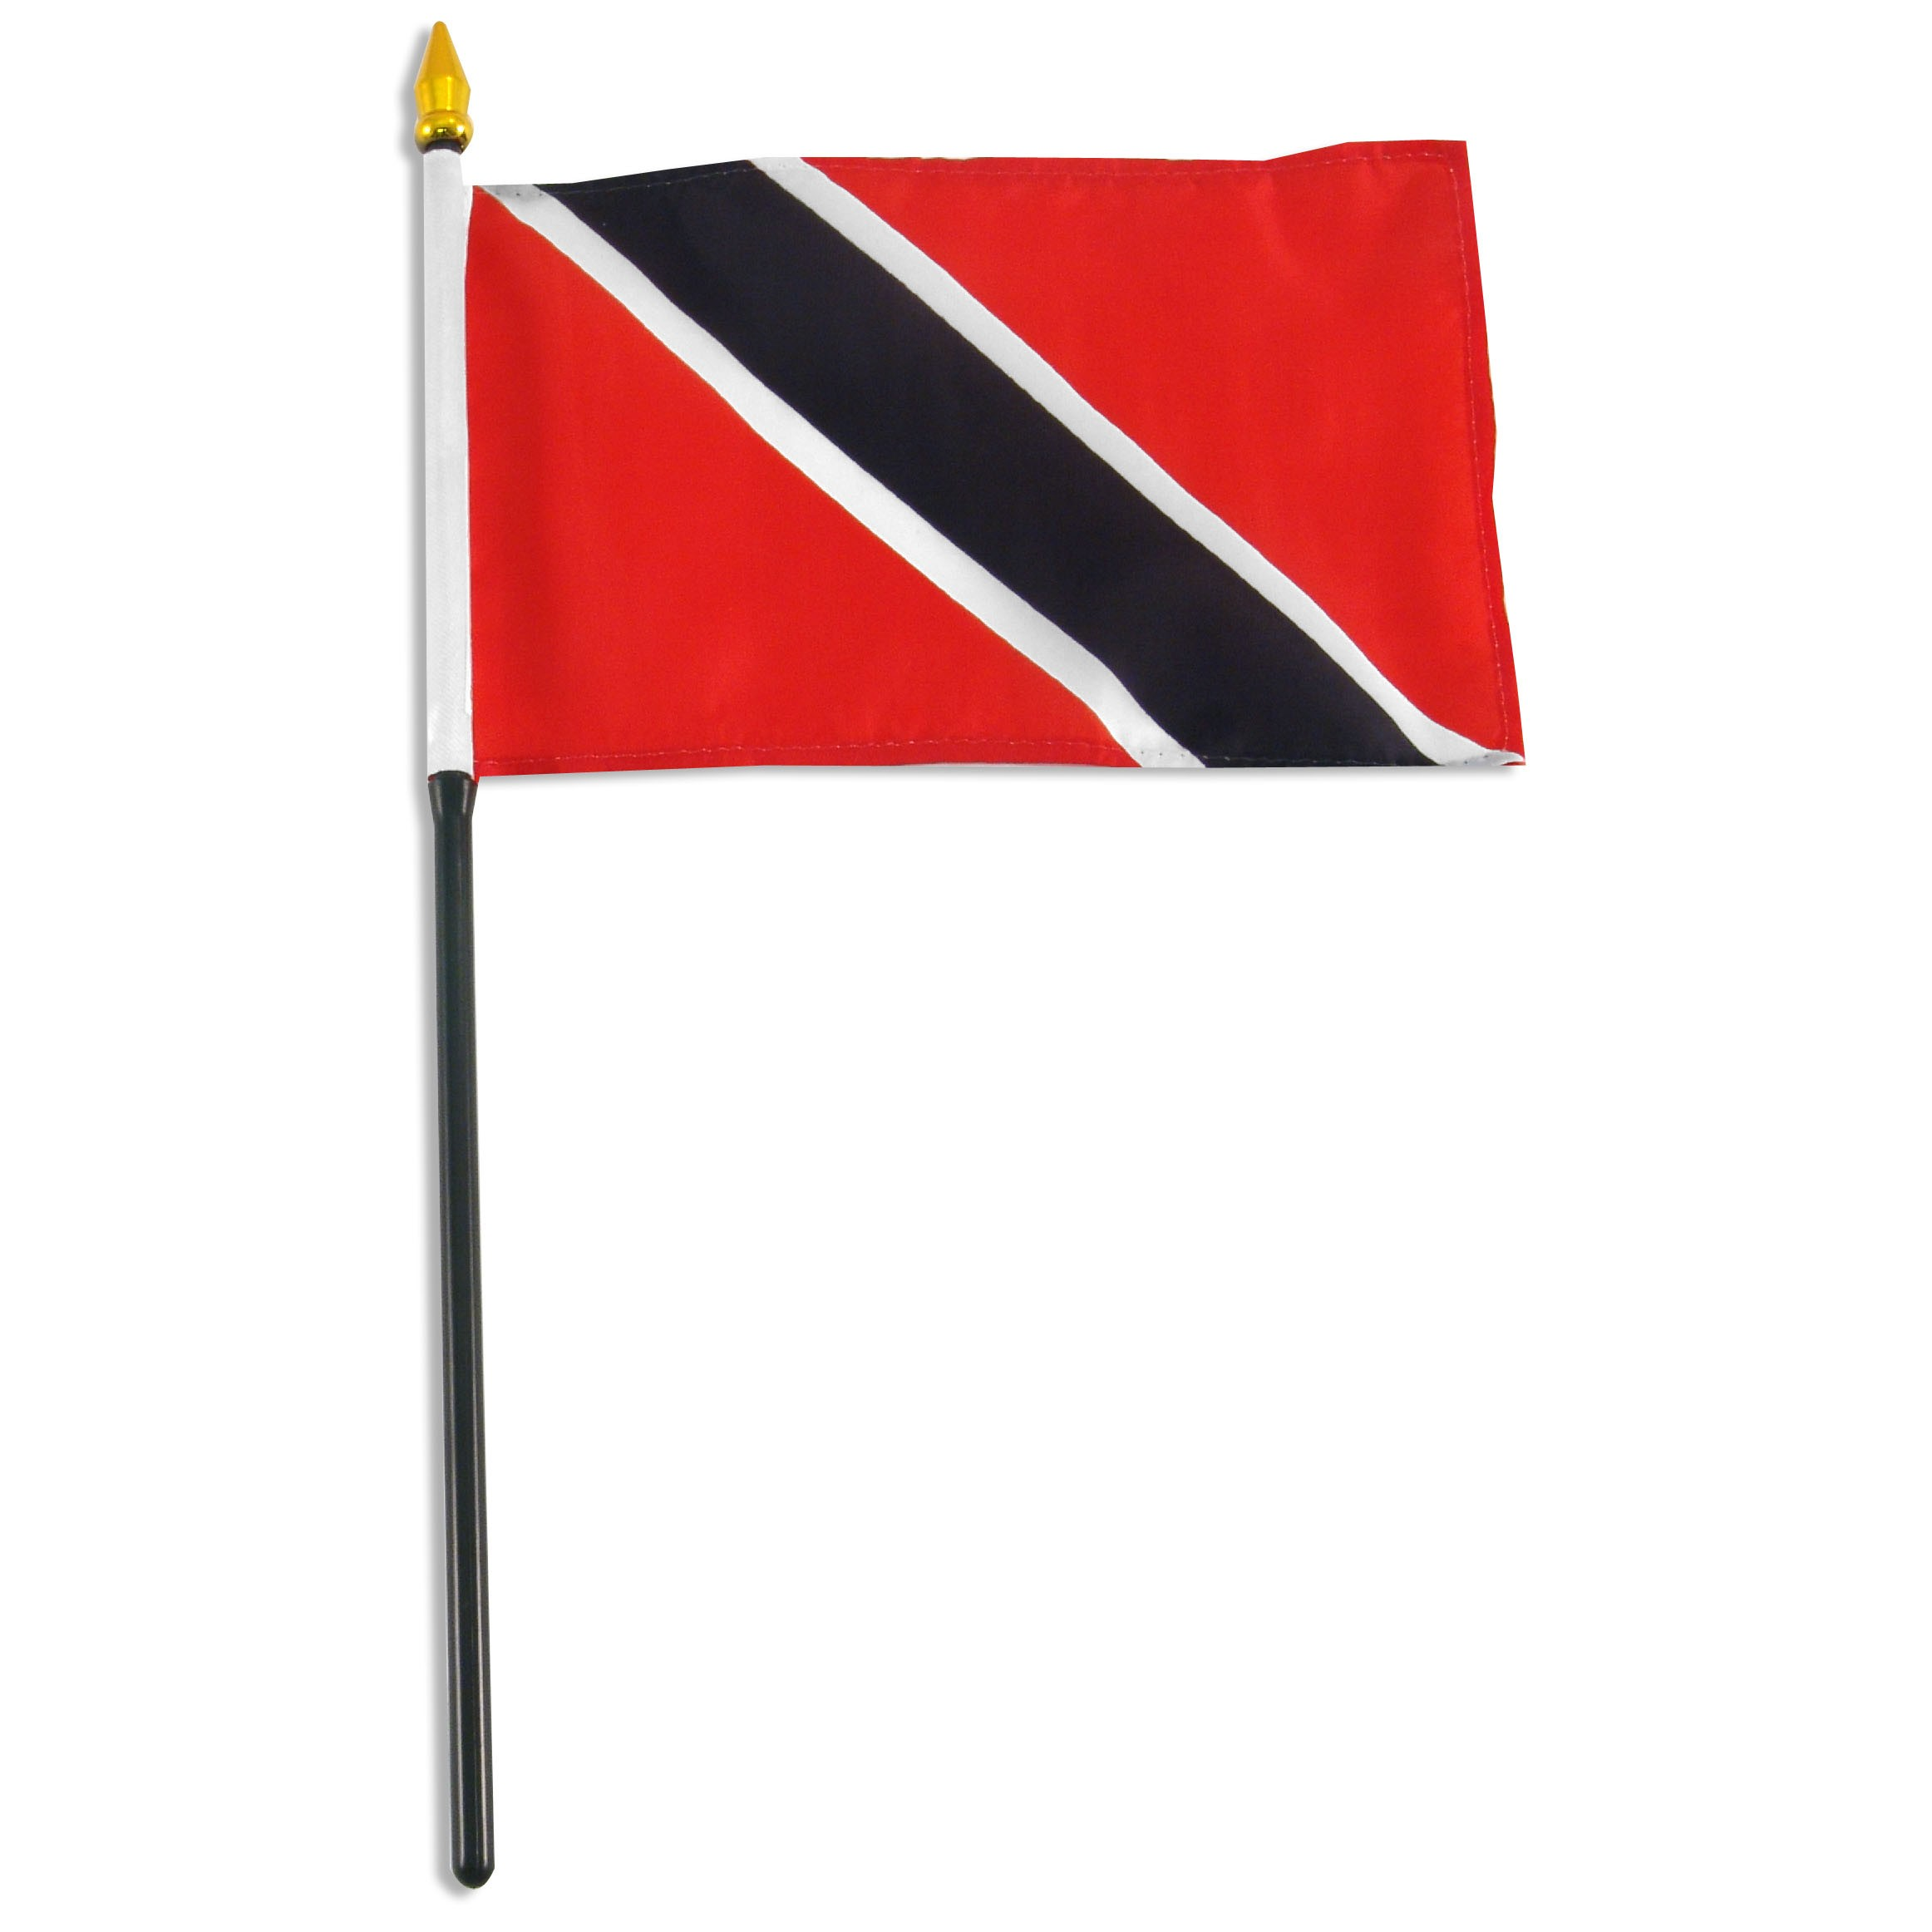 Clipart svg trinidad flag svg freeuse Trinidad and tobago flag clipart - ClipartFox svg freeuse